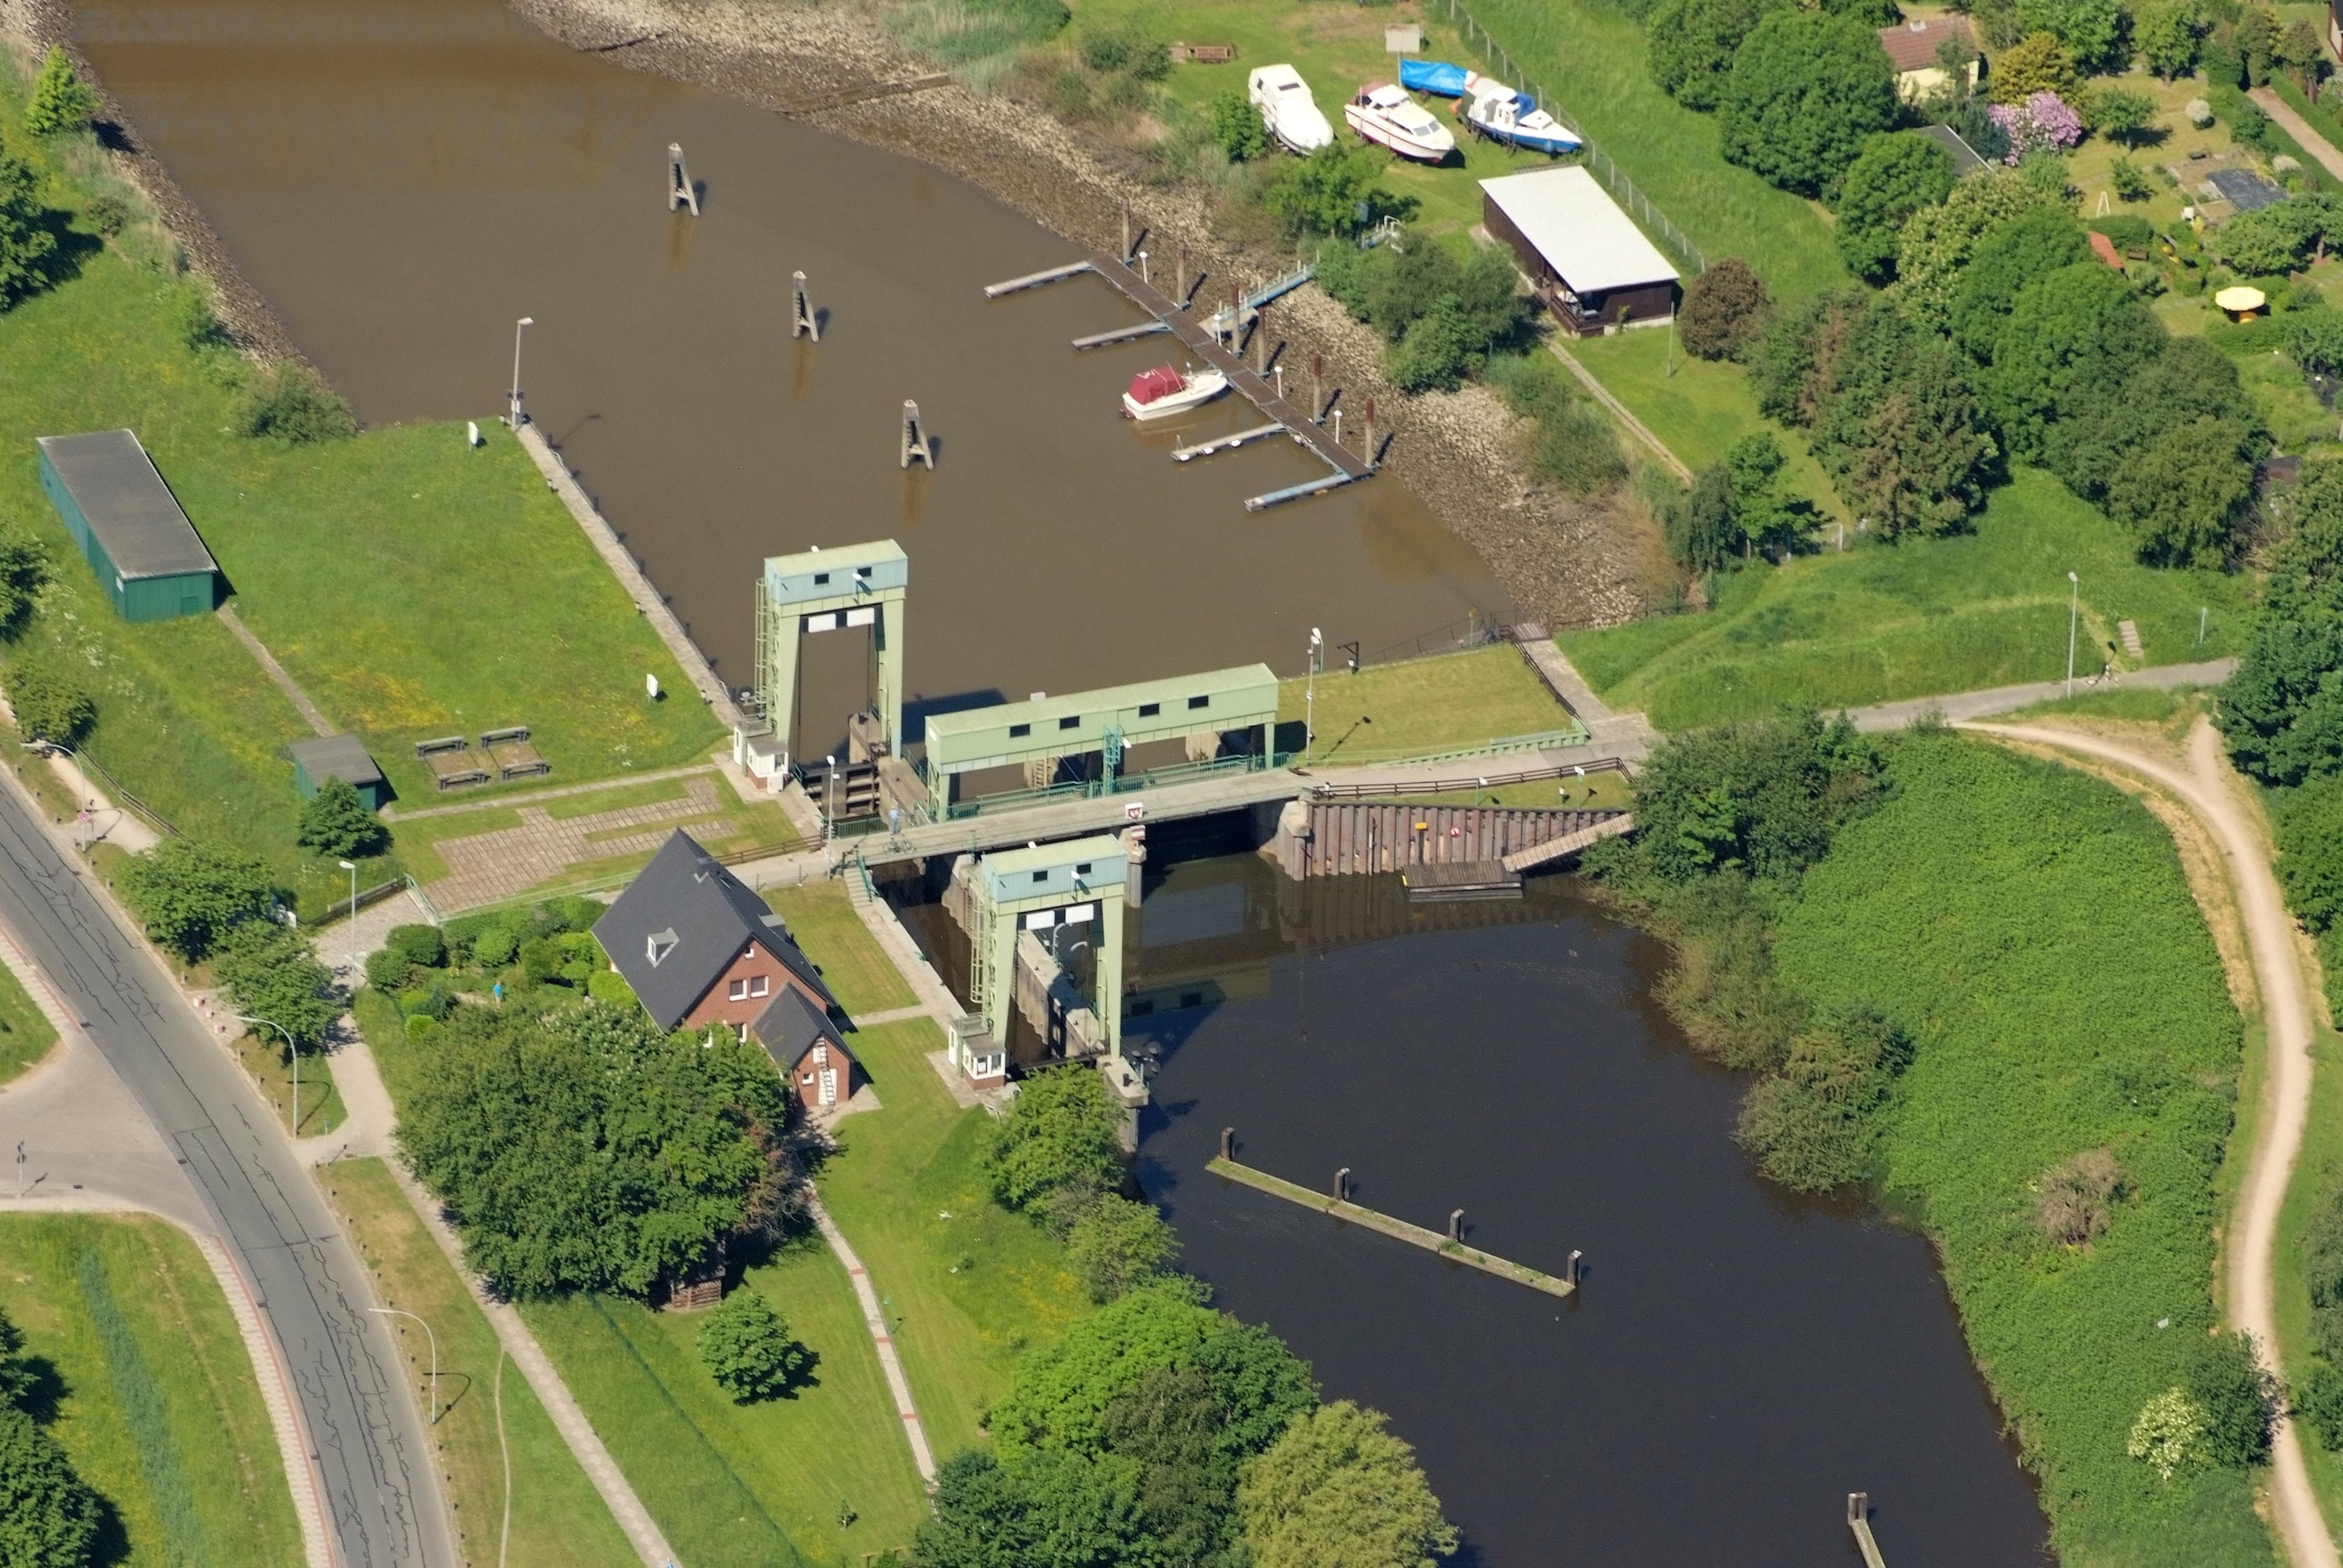 File:Geeste-Schleuse-Bremerhaven-2012-05-28-DSCF9376.jpg - Wikimedia ...